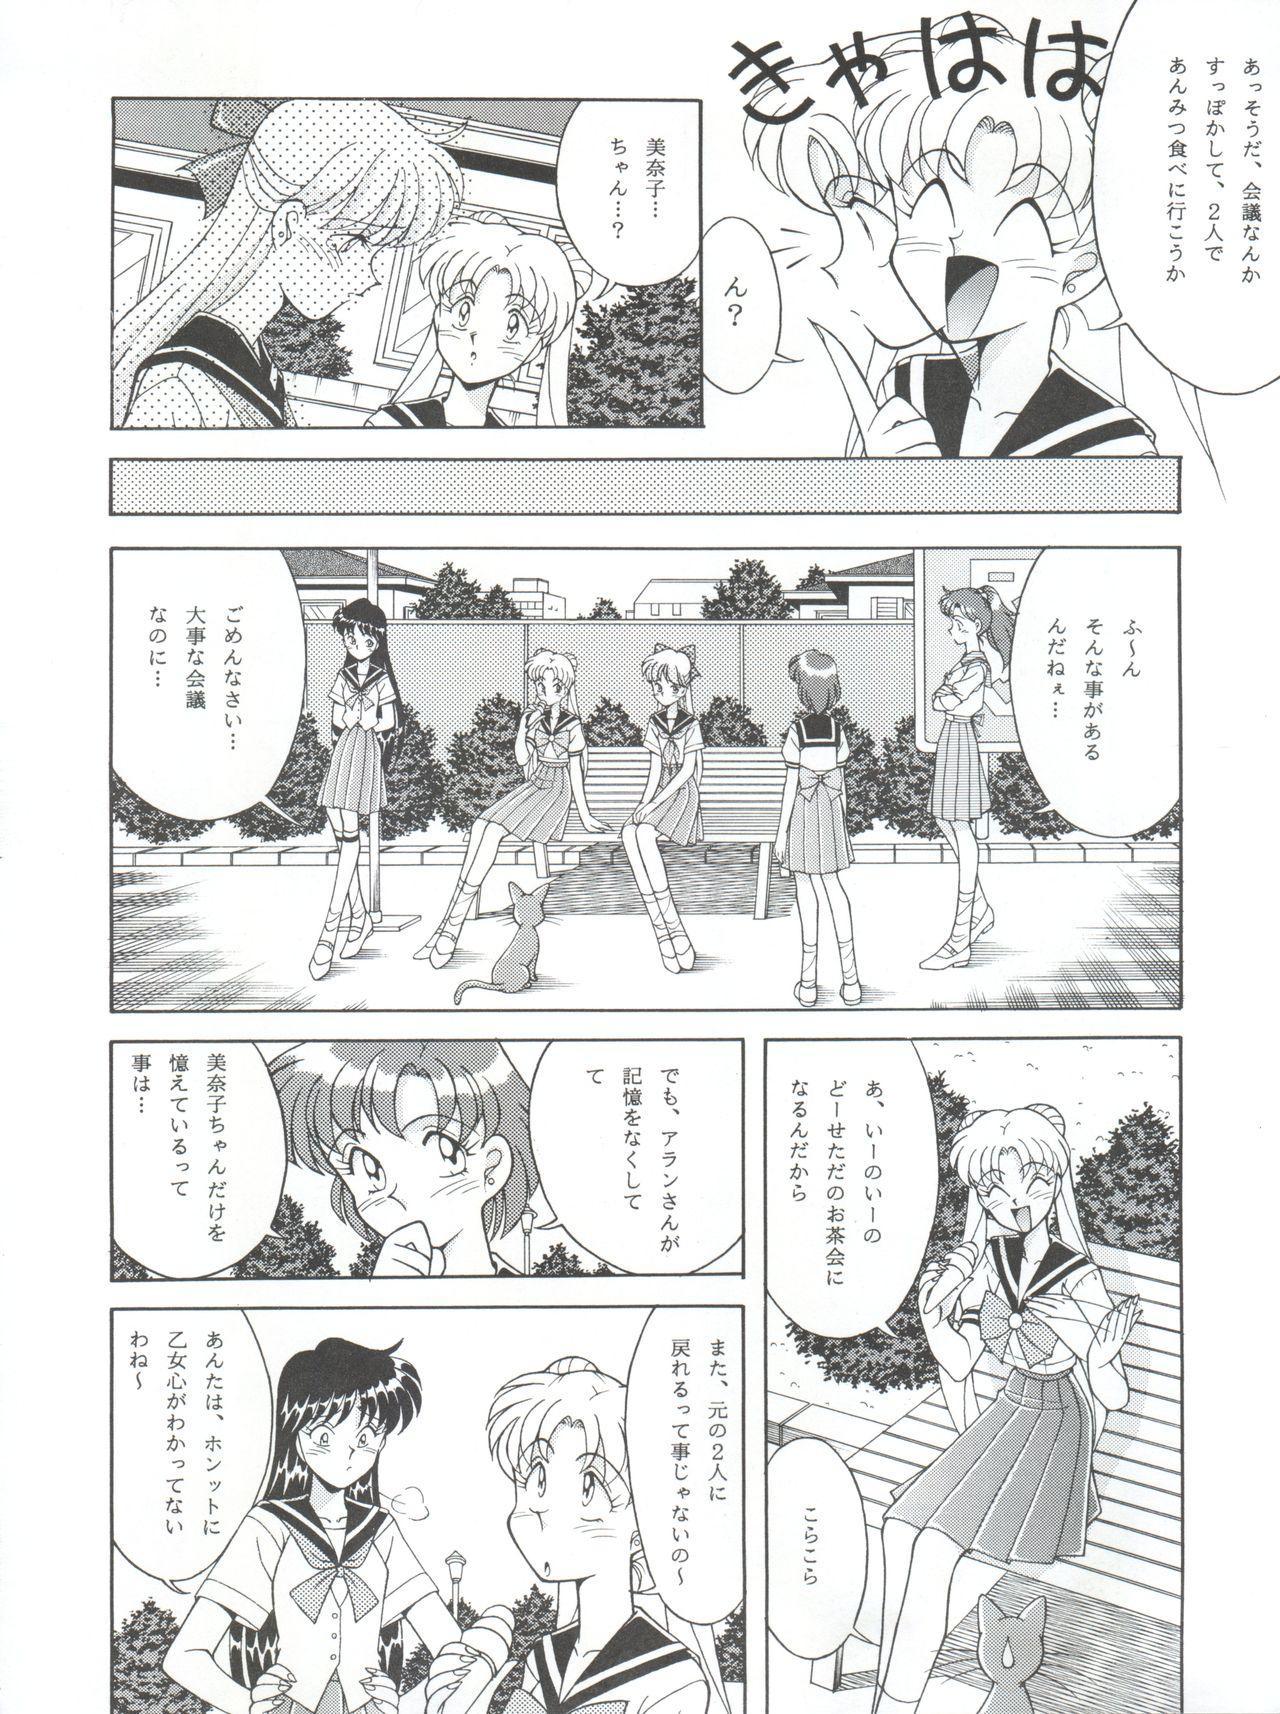 NANIWA-YA FINAL DRESS UP! 71